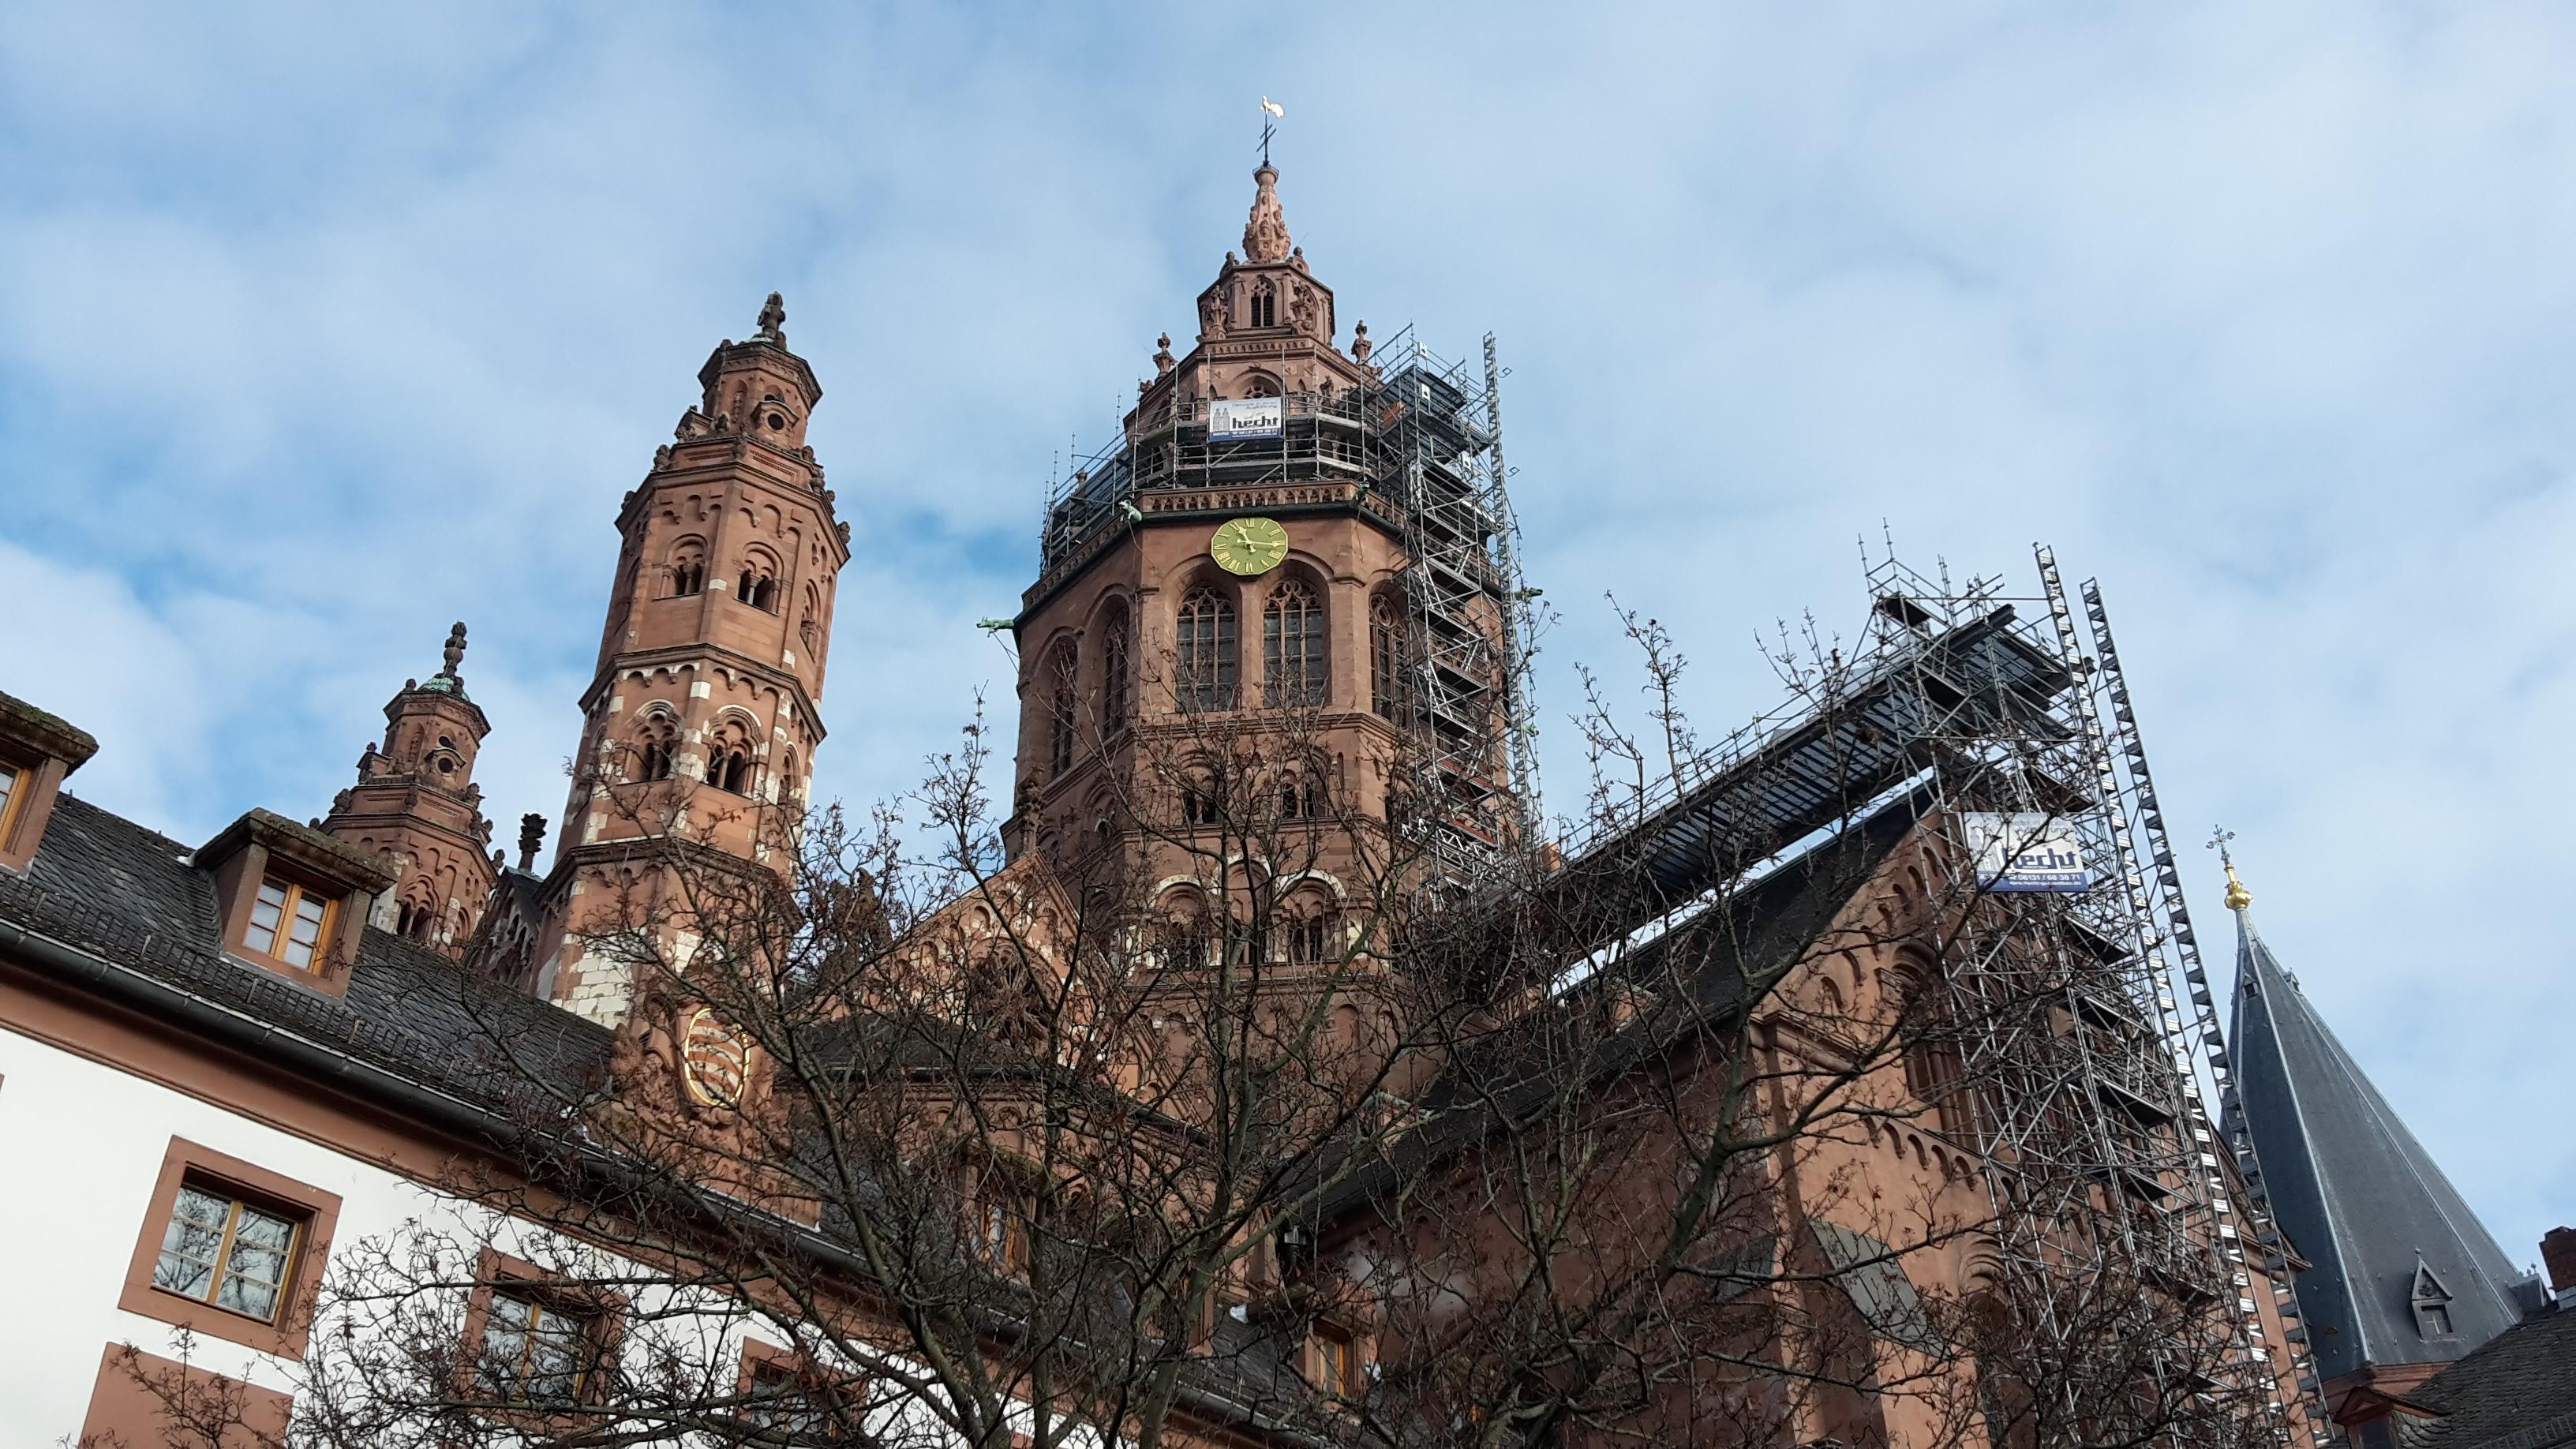 Sicherste Großstadt des Landes: München erneut an der Spitze